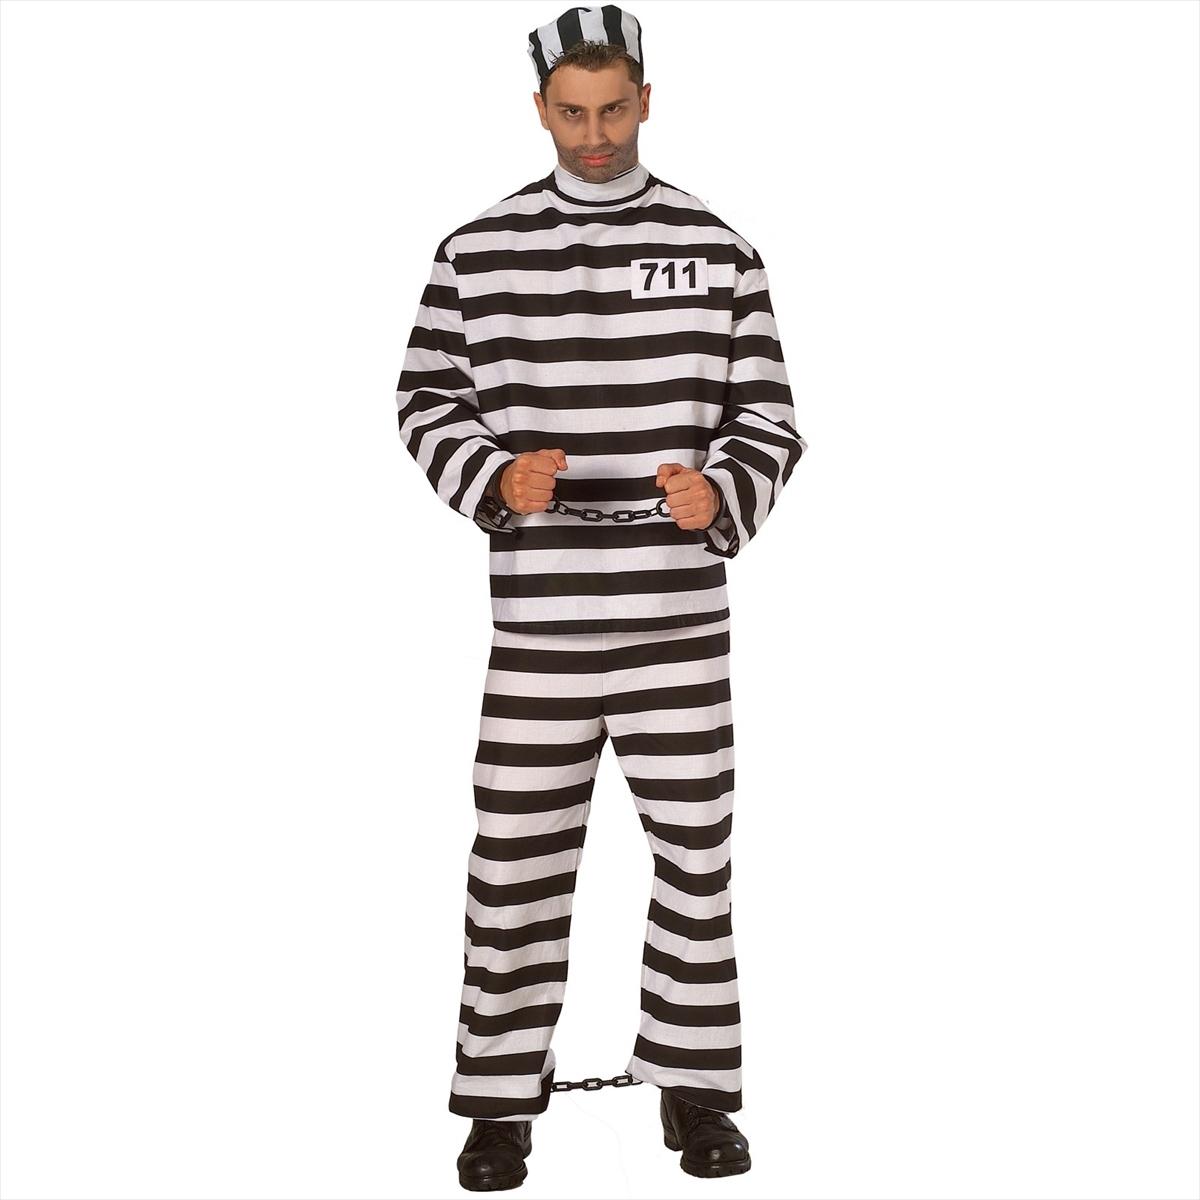 ハロウィン プレゼント 囚人服 ...